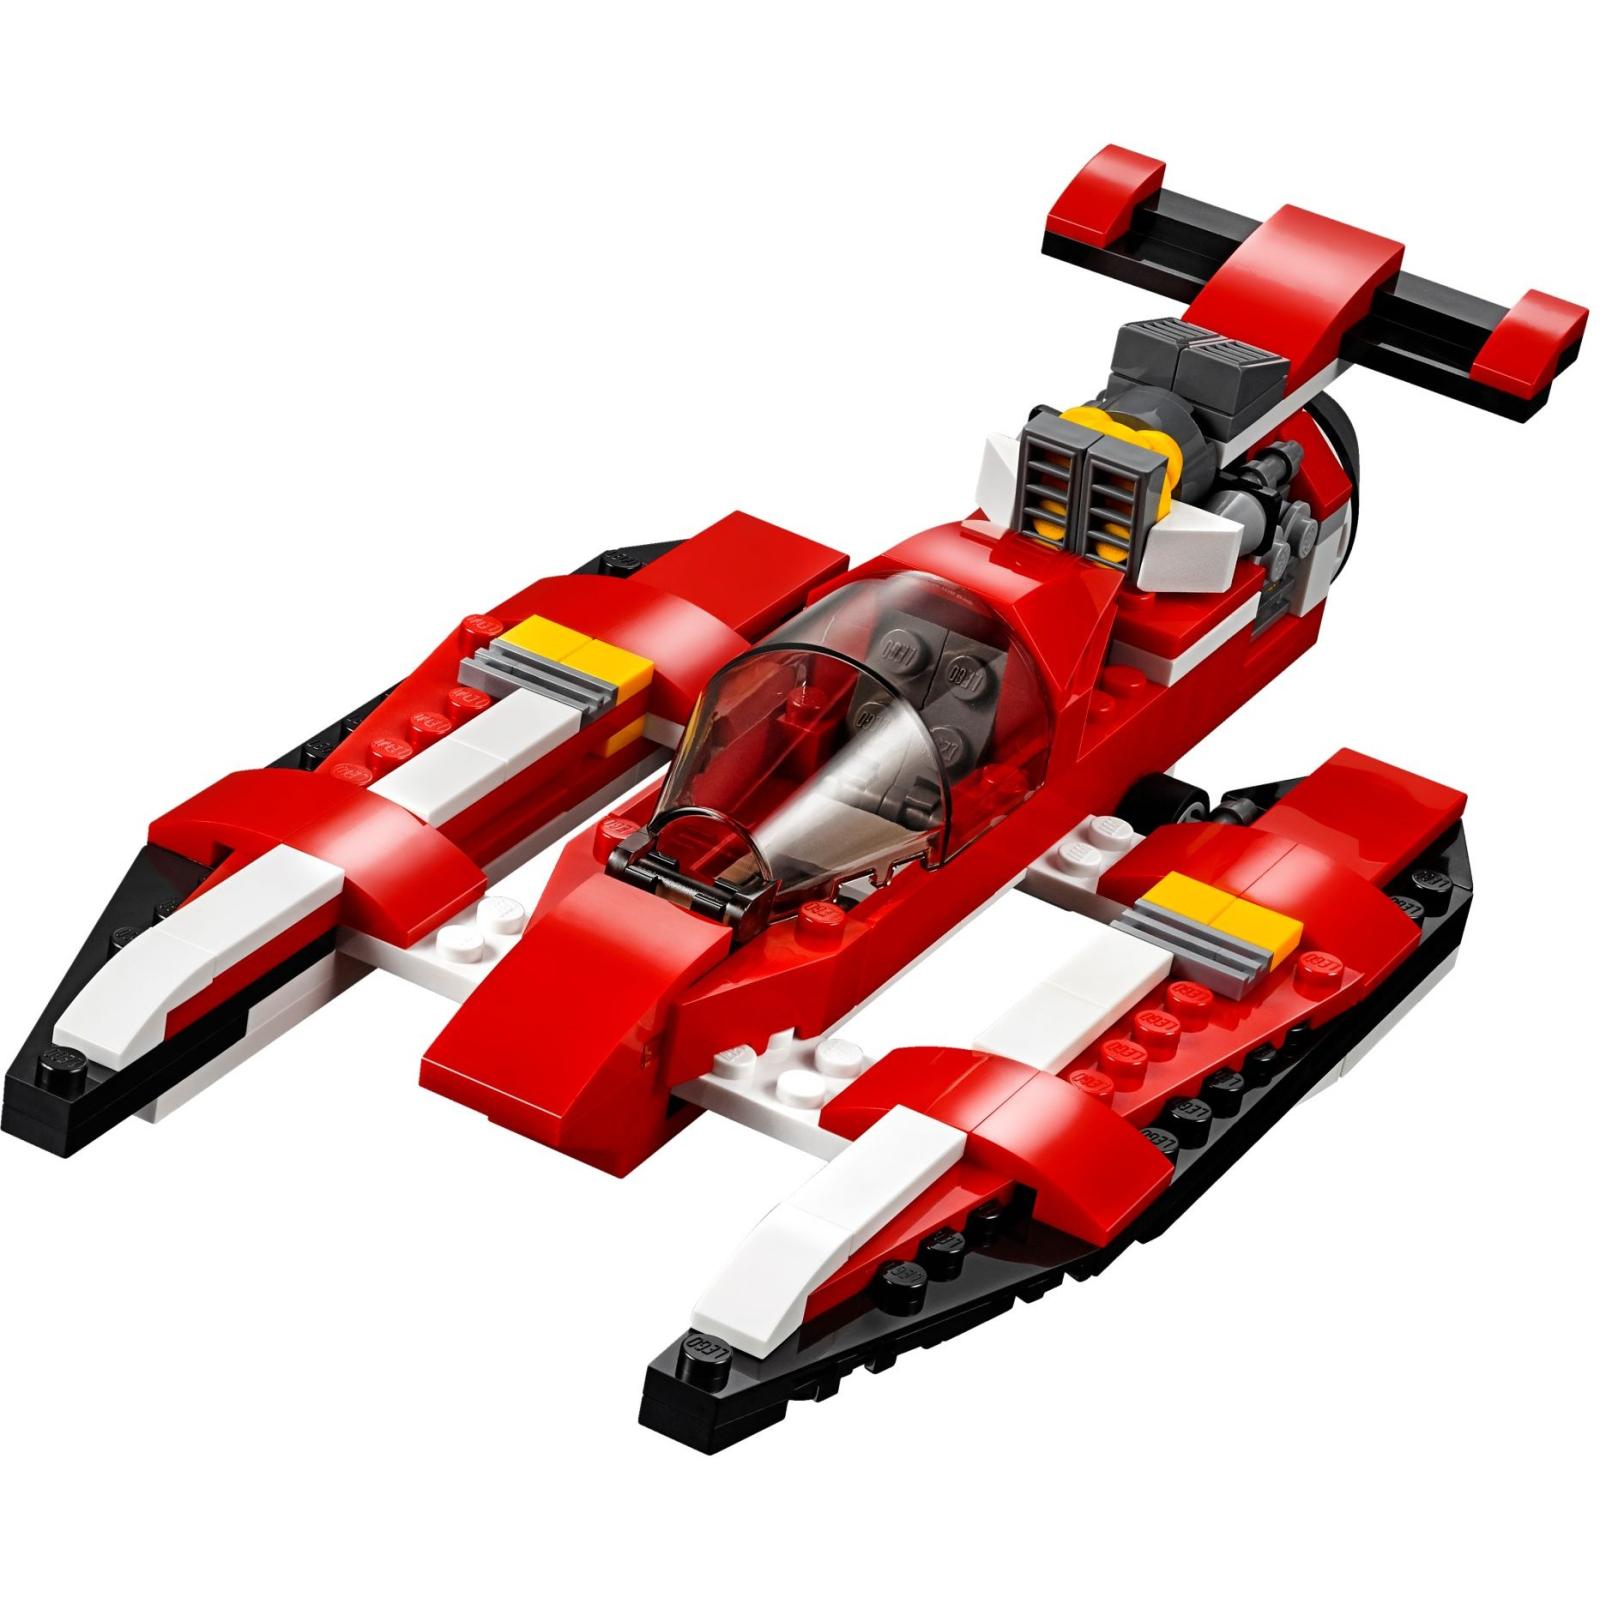 Конструктор LEGO Creator Путешествие по воздуху (31047) изображение 7